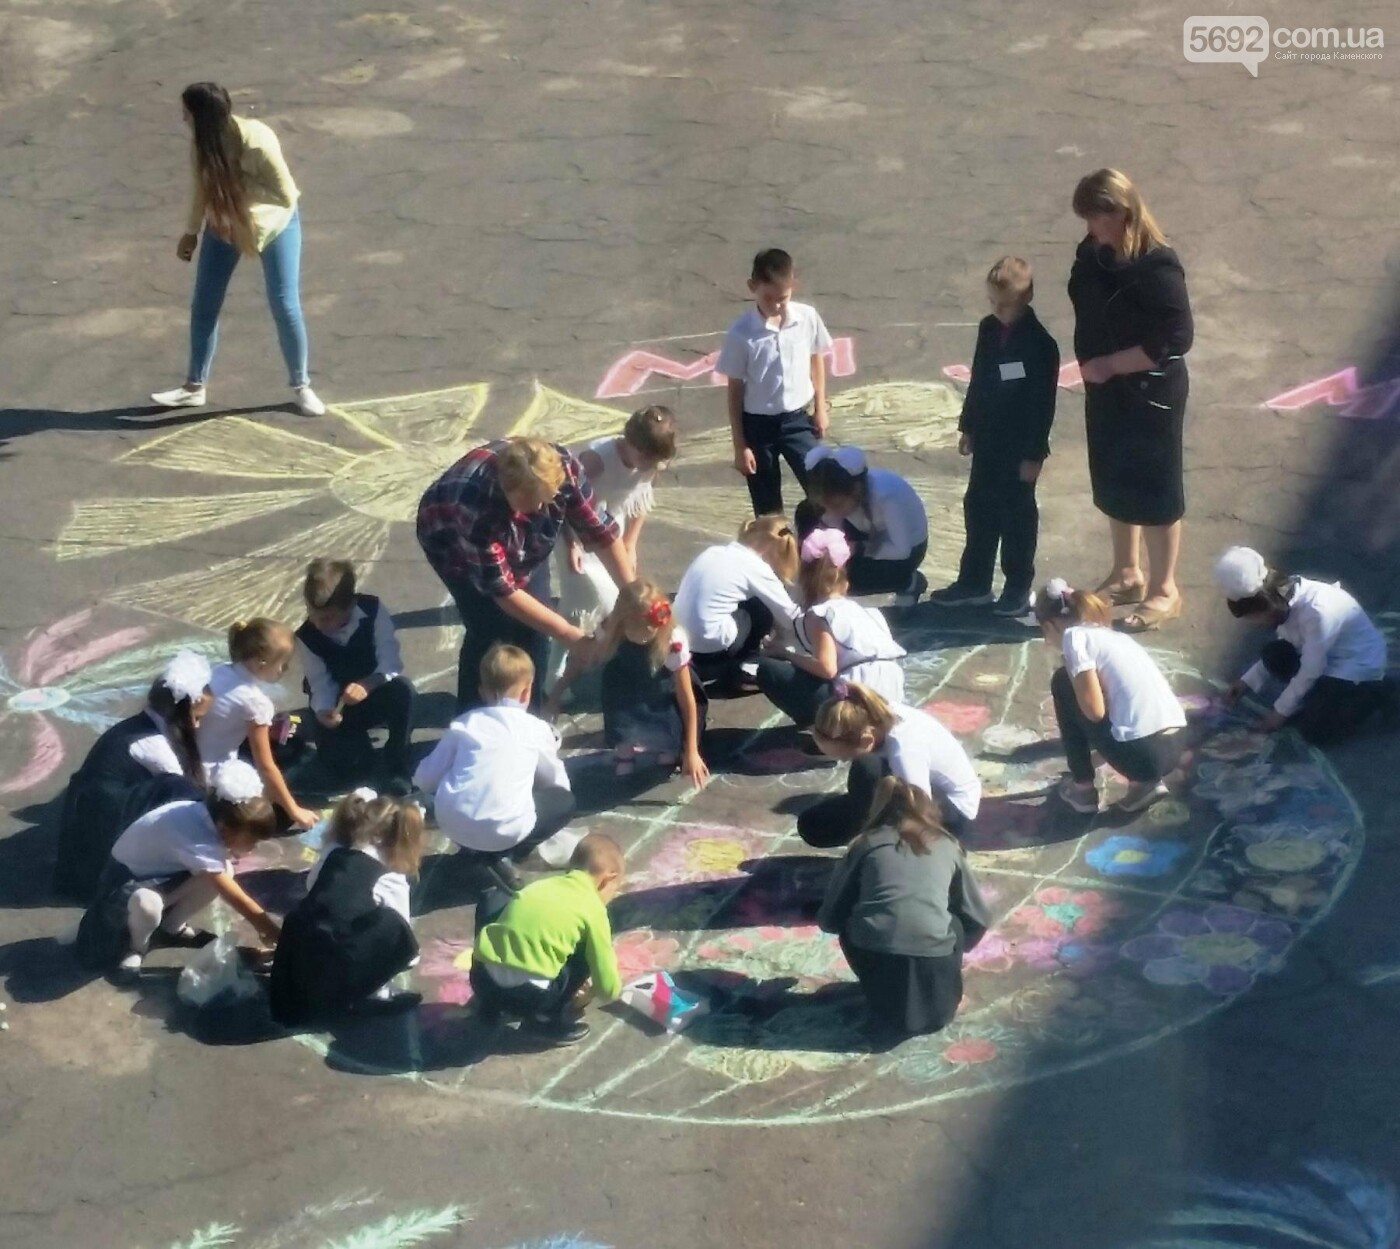 Дети – за мир: школьники каменского провели флешмоб, фото-1